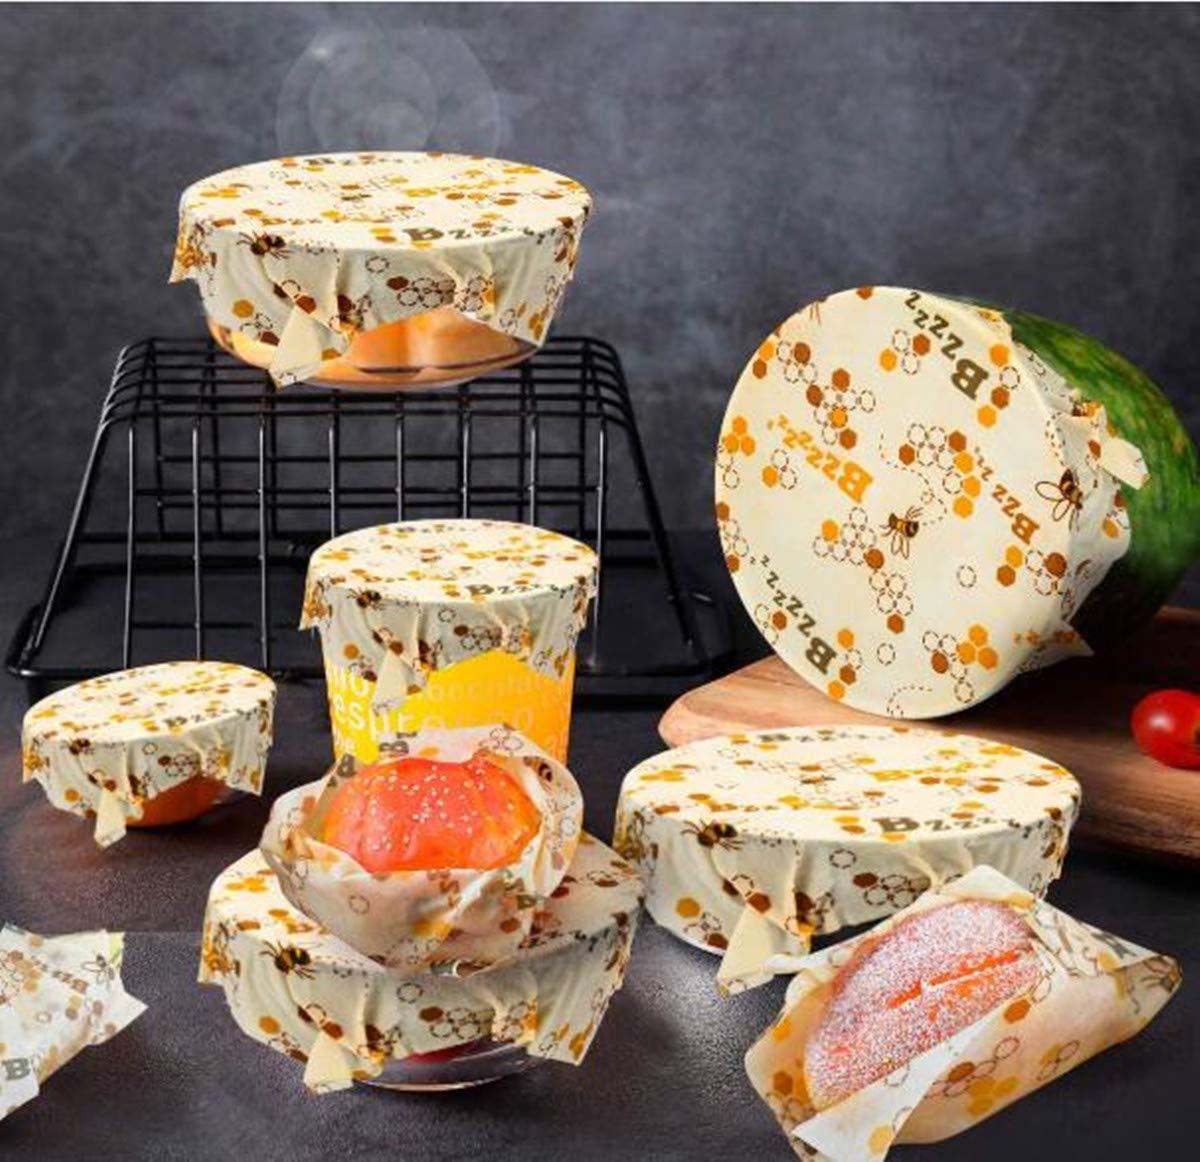 Bienenenwachs-Wraps Set aus Bio-Lebensmittelaufbewahrung, kein Abfall von Käse und Sandwich-Verpackungen, aus nachhaltigem Kunststoff, waschbare Schüsselbezüge a